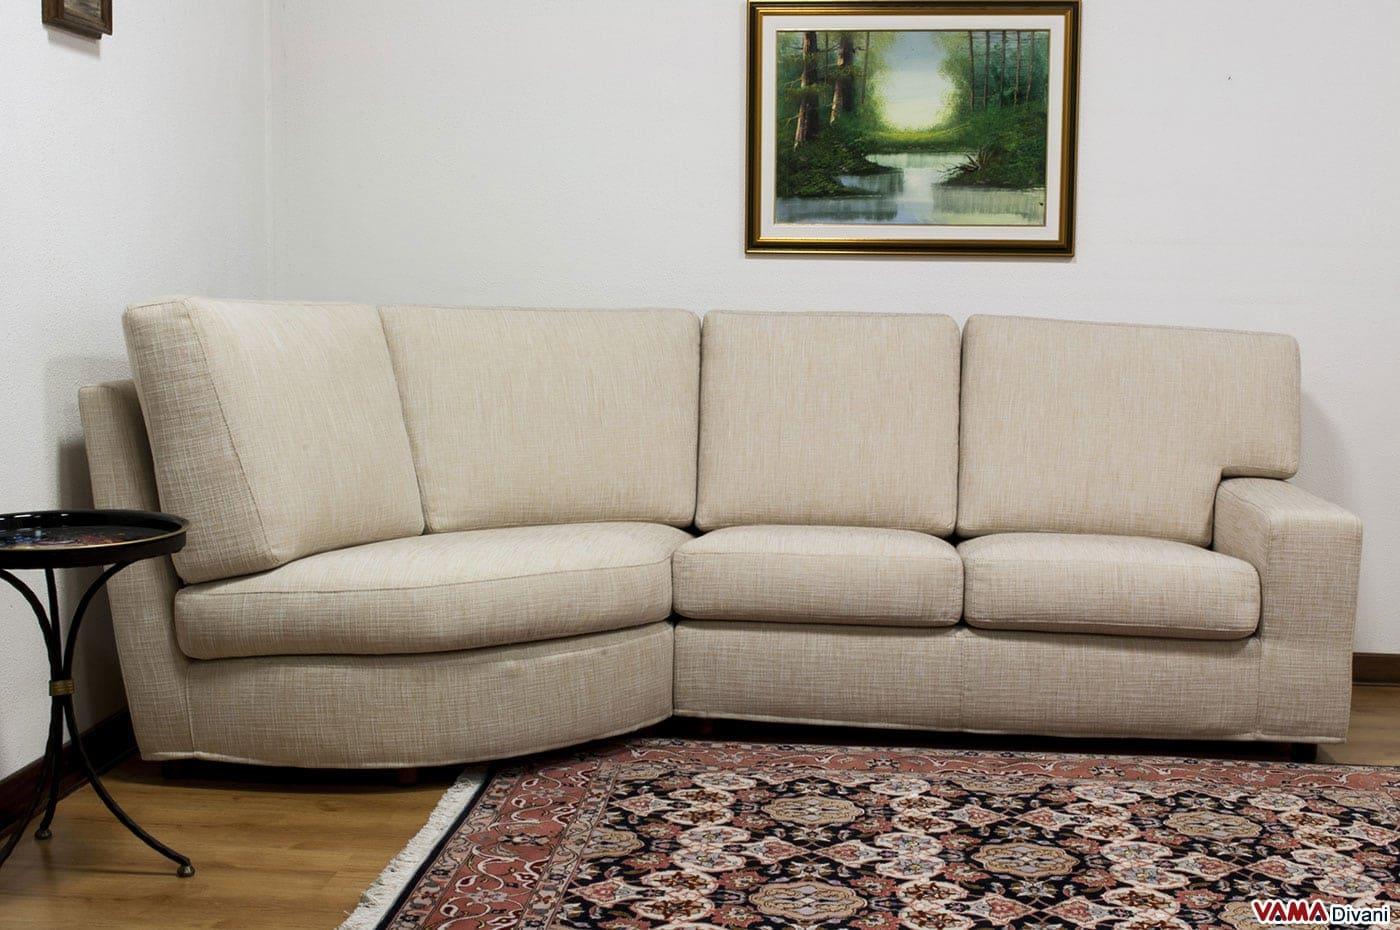 Divani piccoli dimensioni idee per il design della casa - Dimensioni divano con isola ...